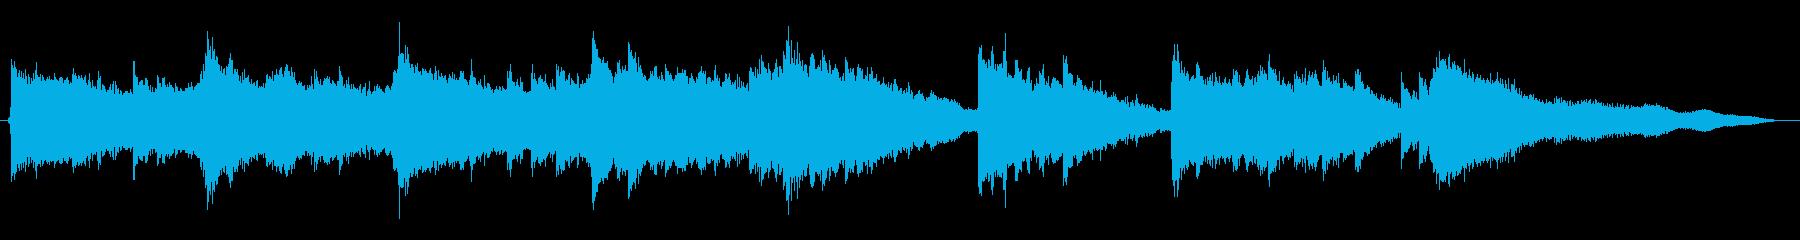 ピアノとギターによるヒーリングの再生済みの波形